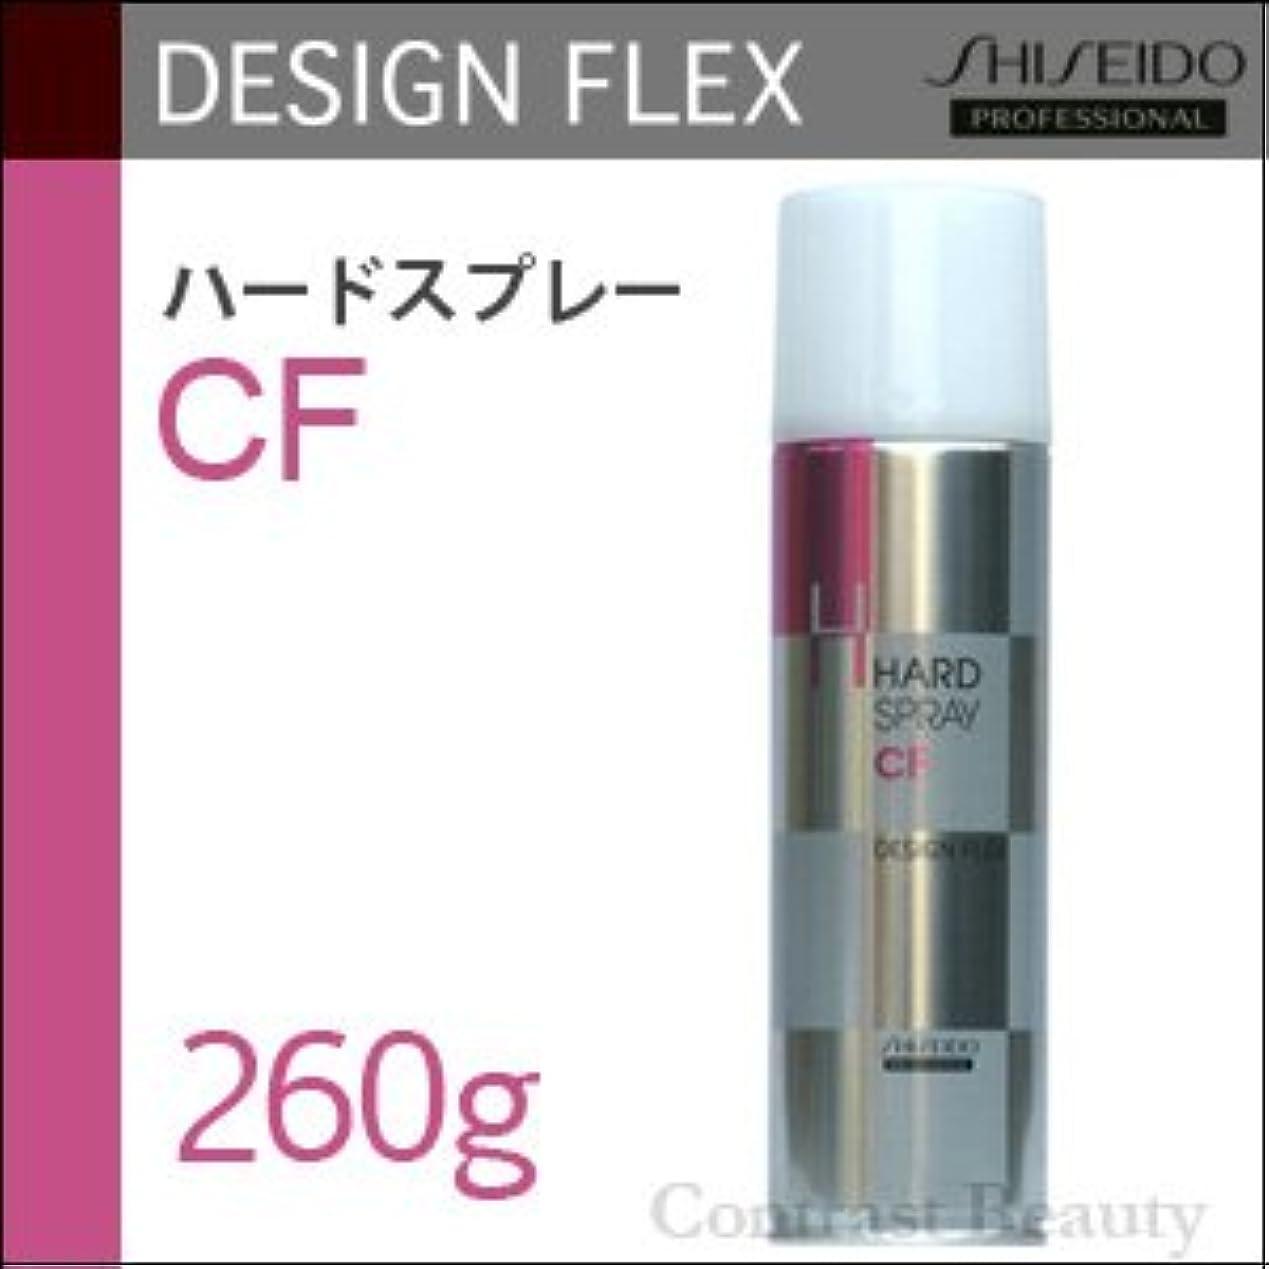 模倣ベジタリアンピケ【x2個セット】 資生堂 デザインフレックス ハードスプレーCF 260g